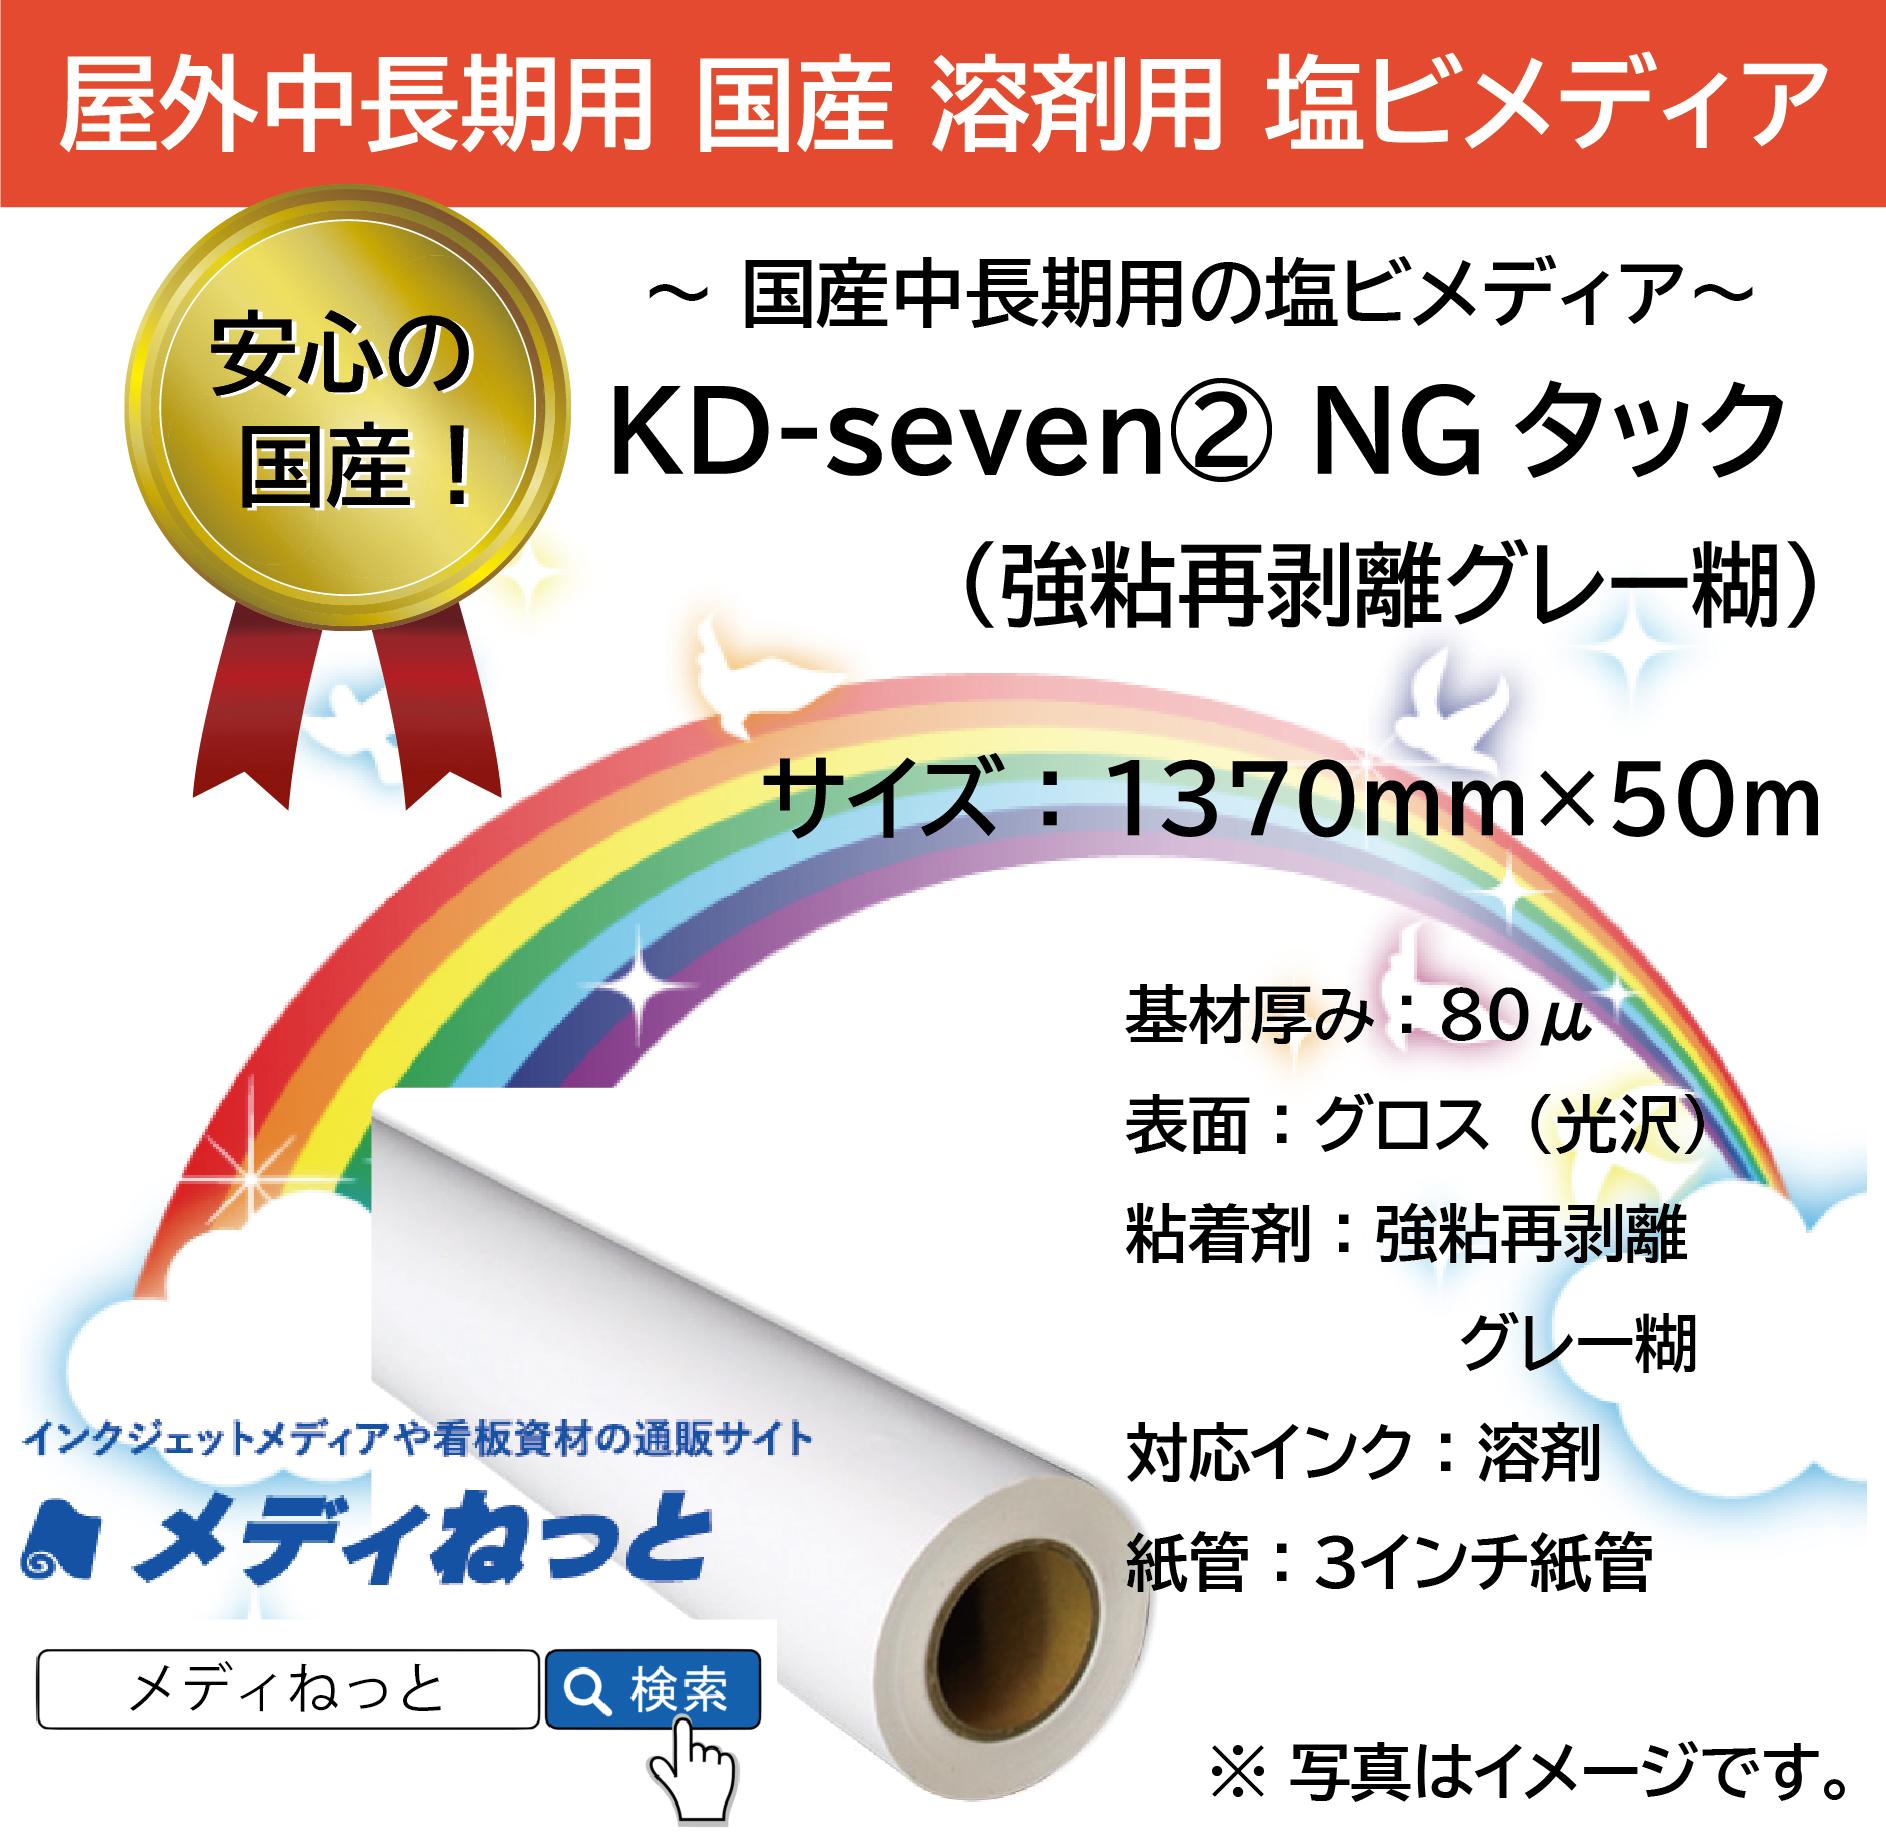 国産中長期グロス塩ビ(強粘再剥離グレー糊) KD-seven2 NGタック 1370mm×50m